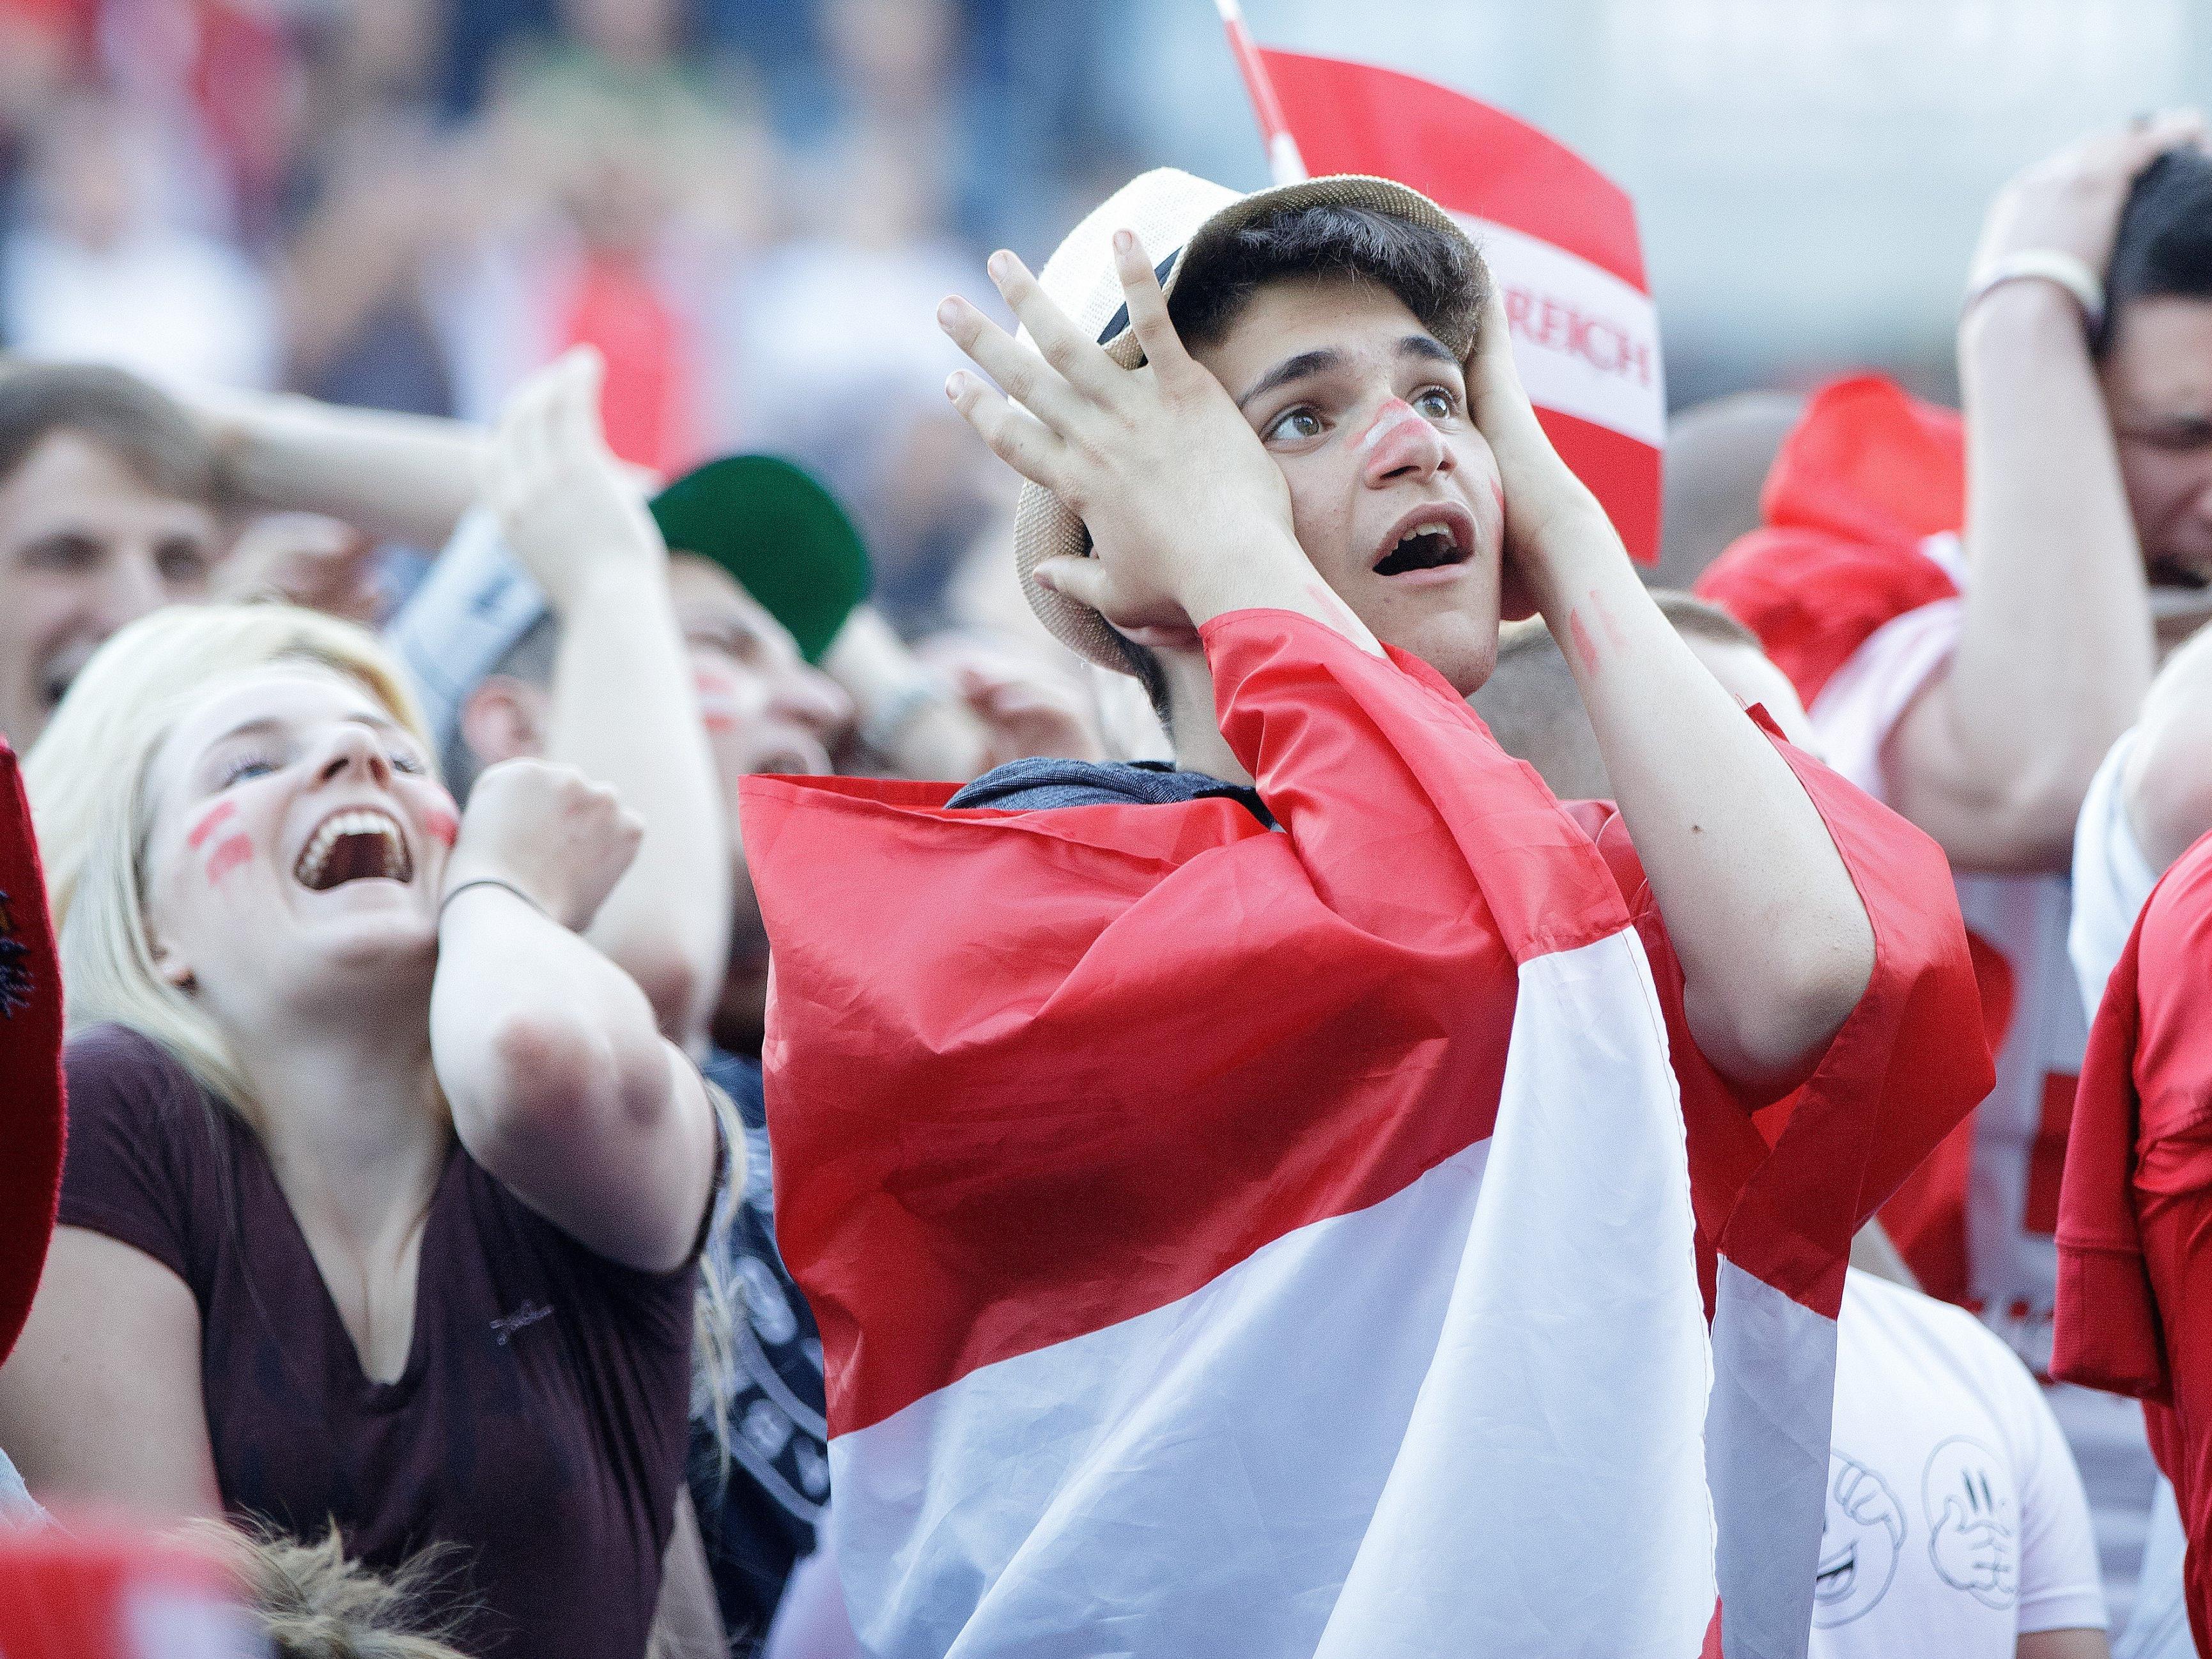 Katerstimmung nach der Niederlage Österreichs bei der EM.